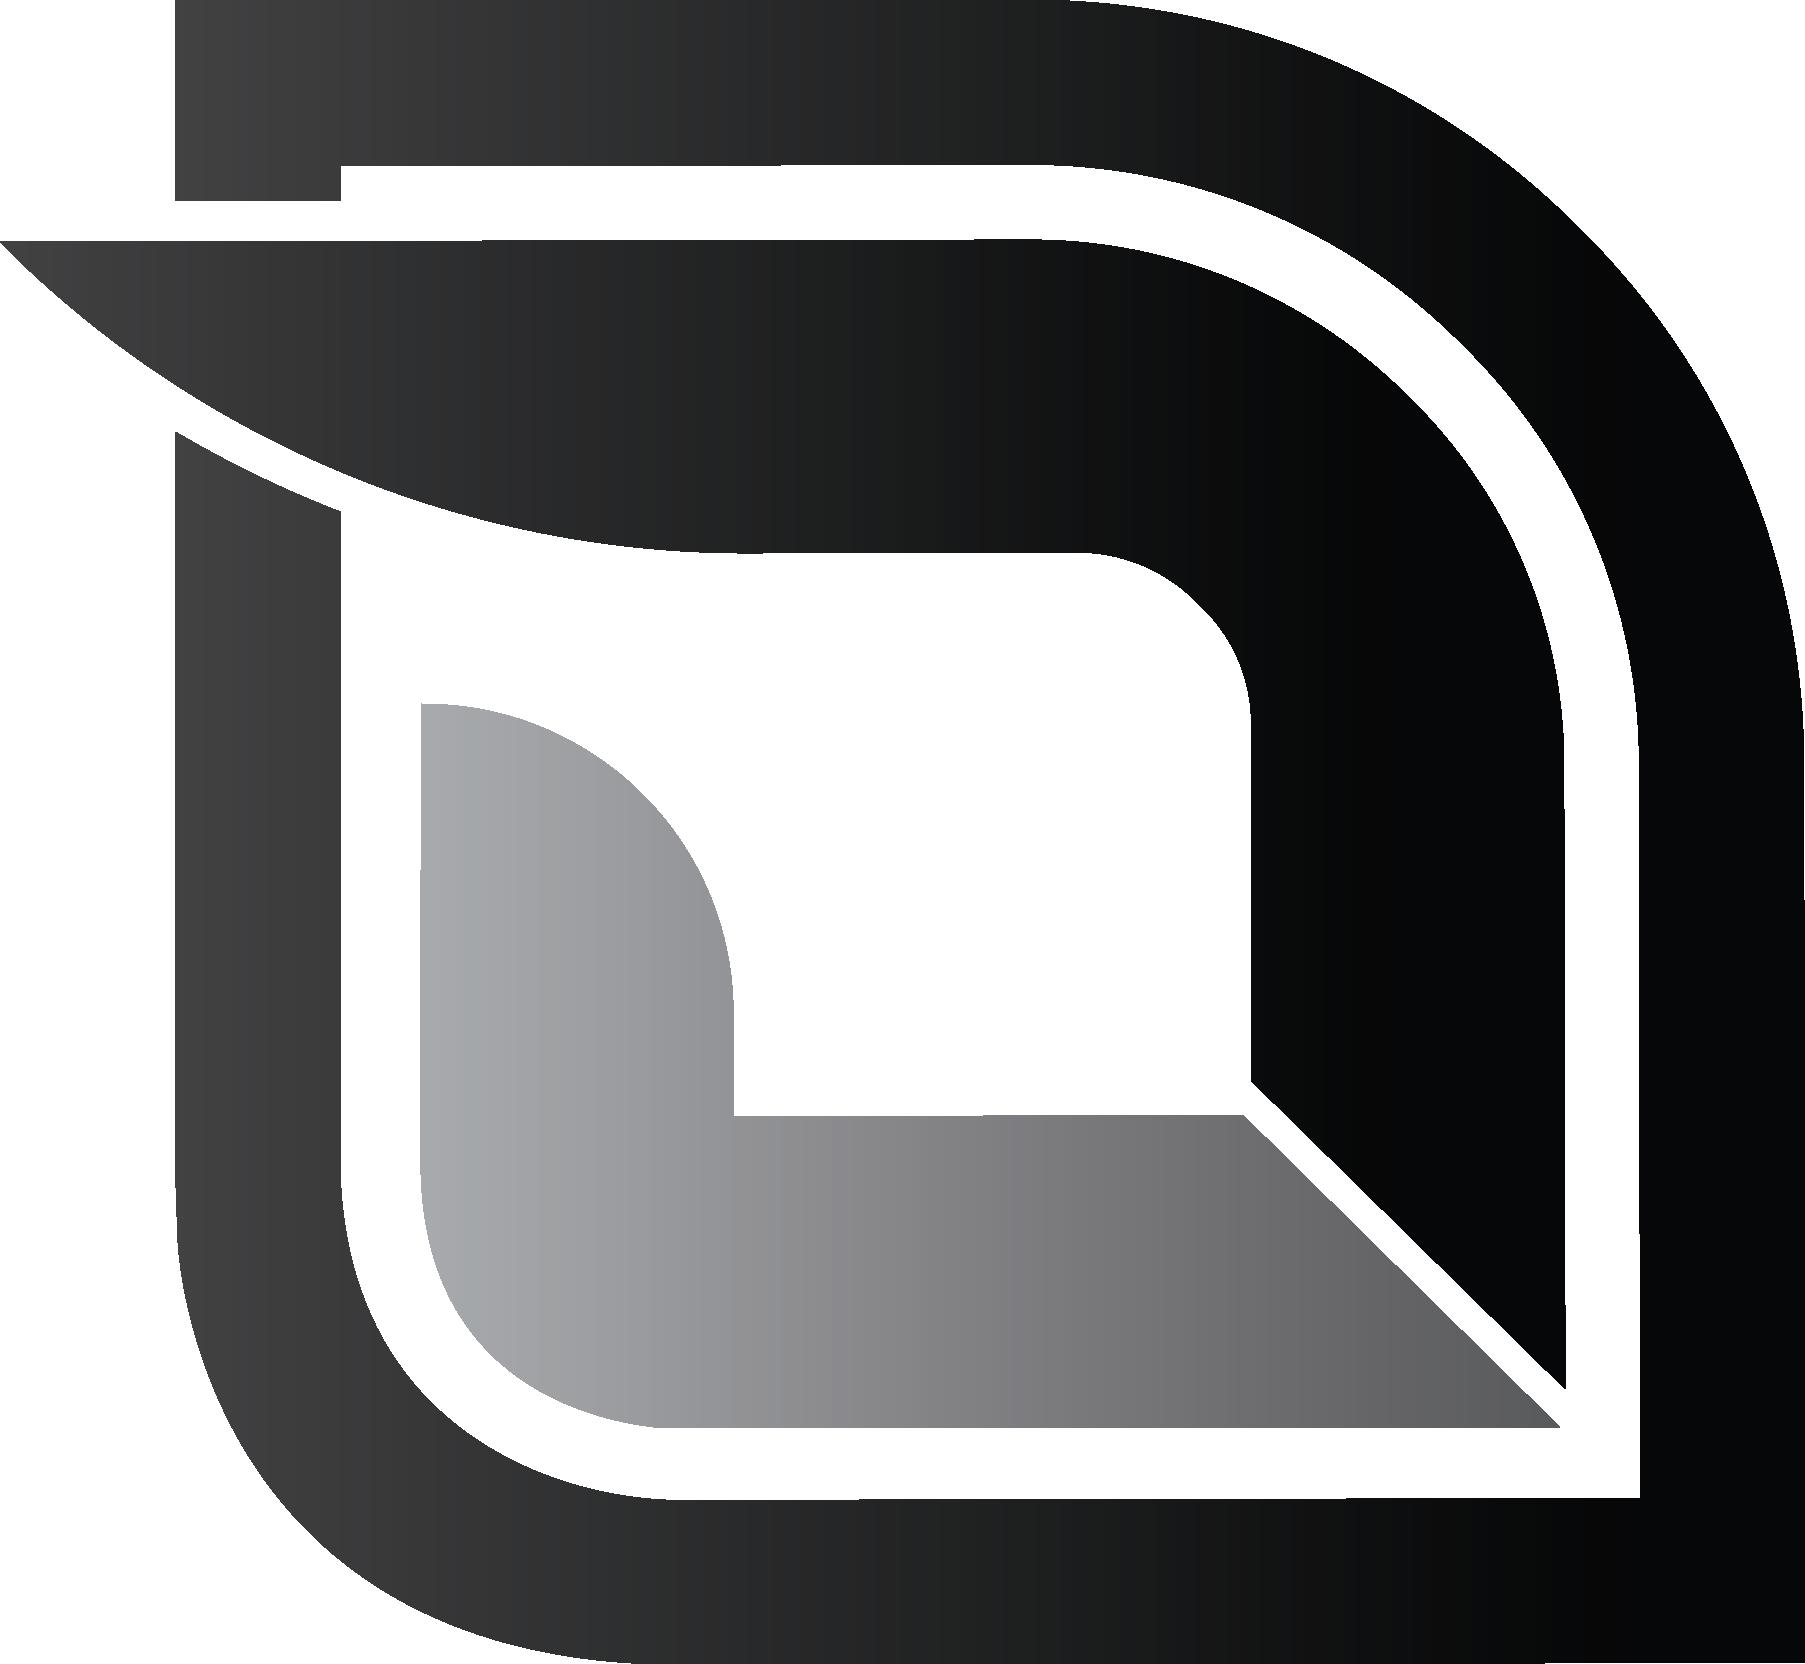 Dojo D.png